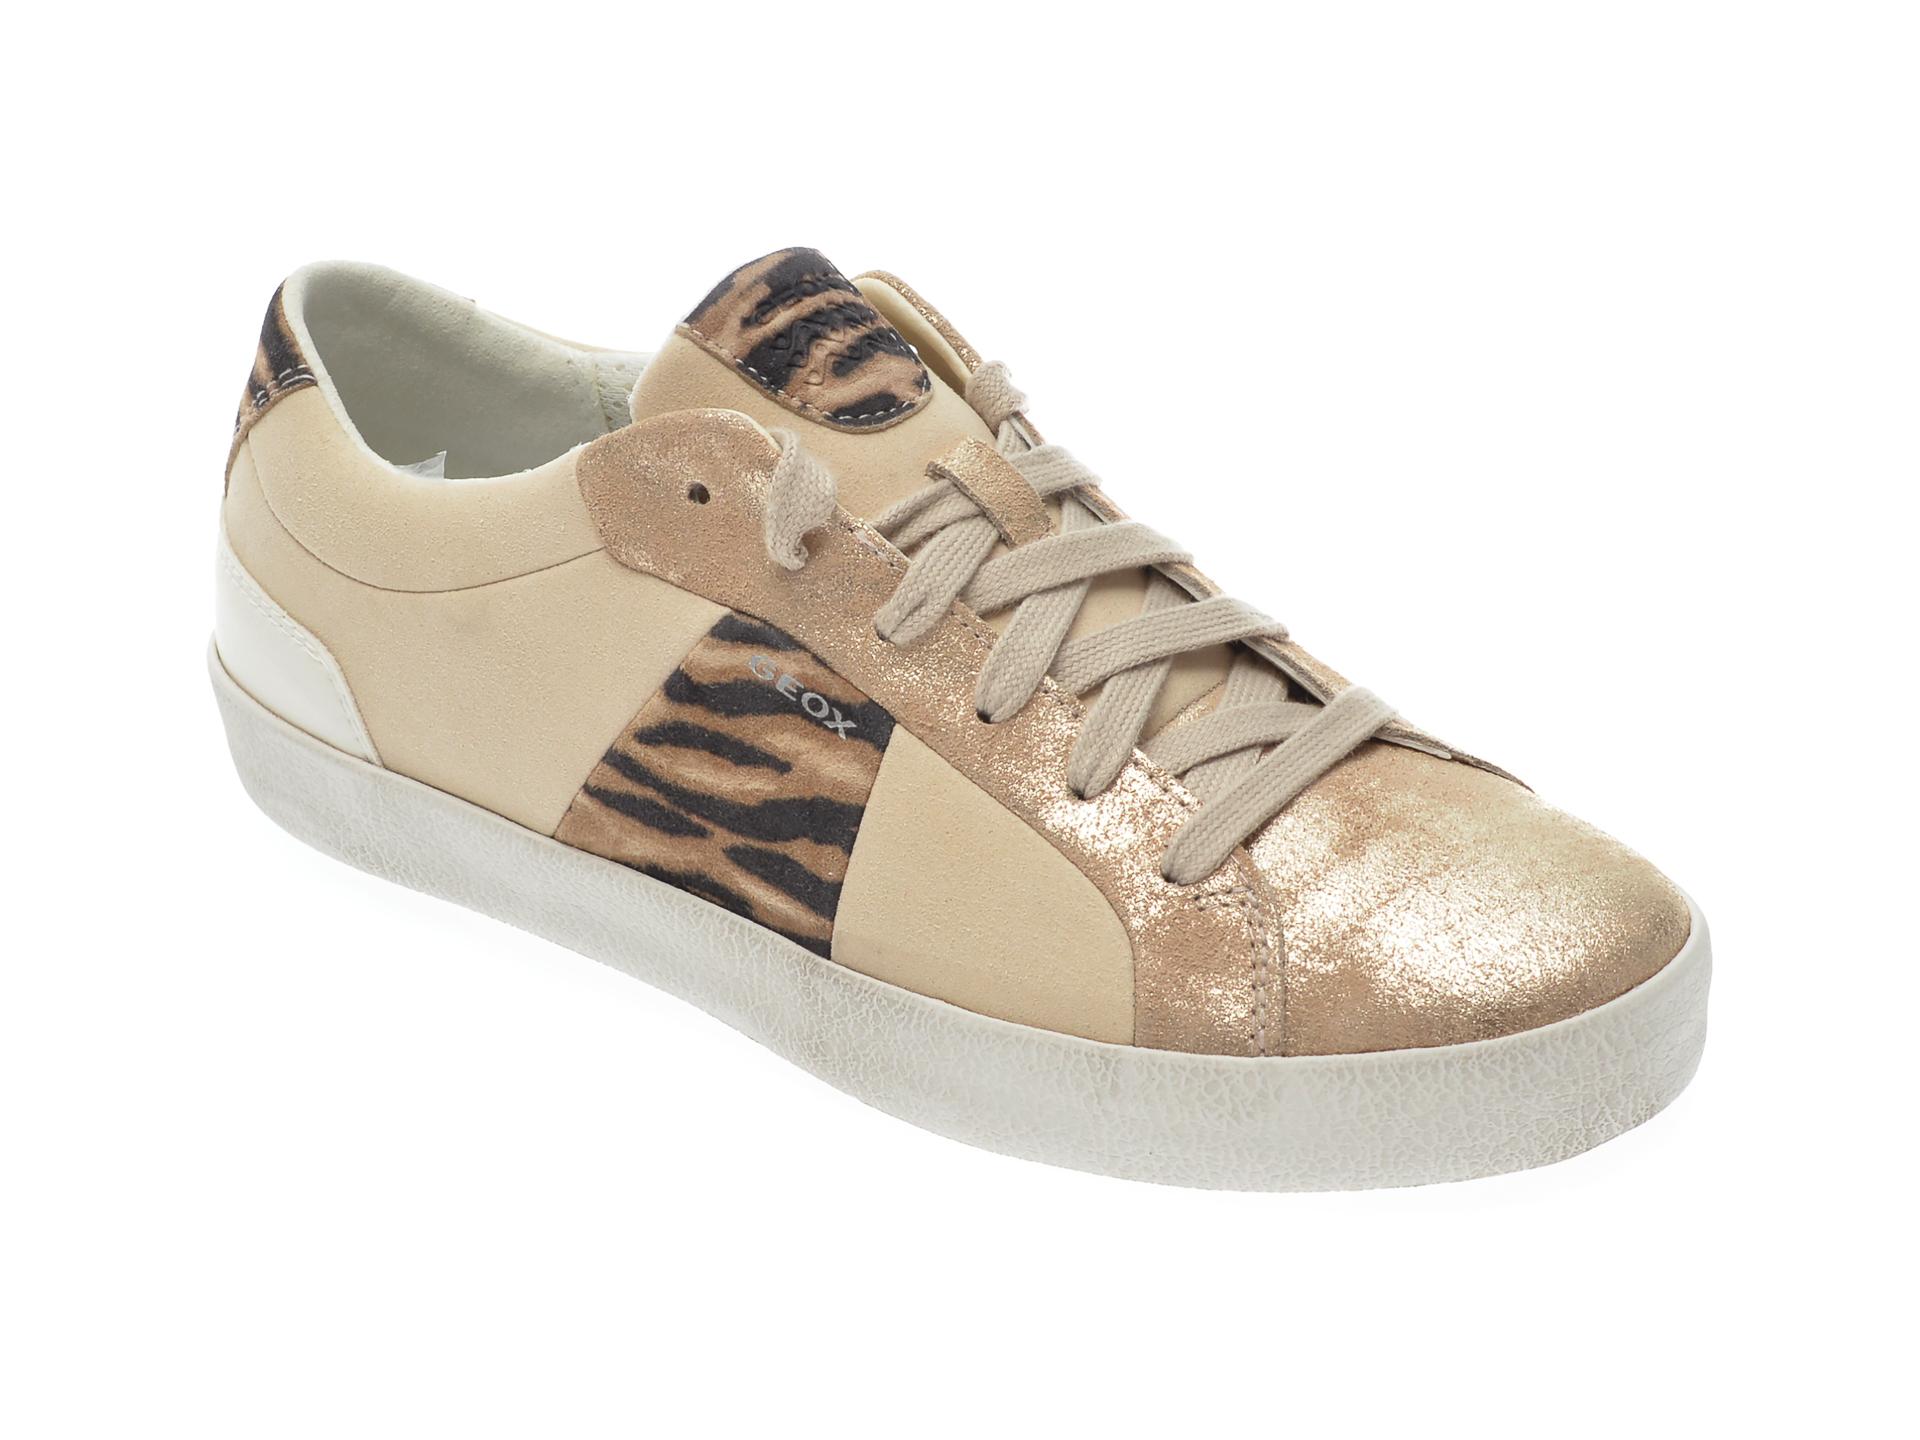 Pantofi GEOX aurii D92FBA, din piele intoarsa